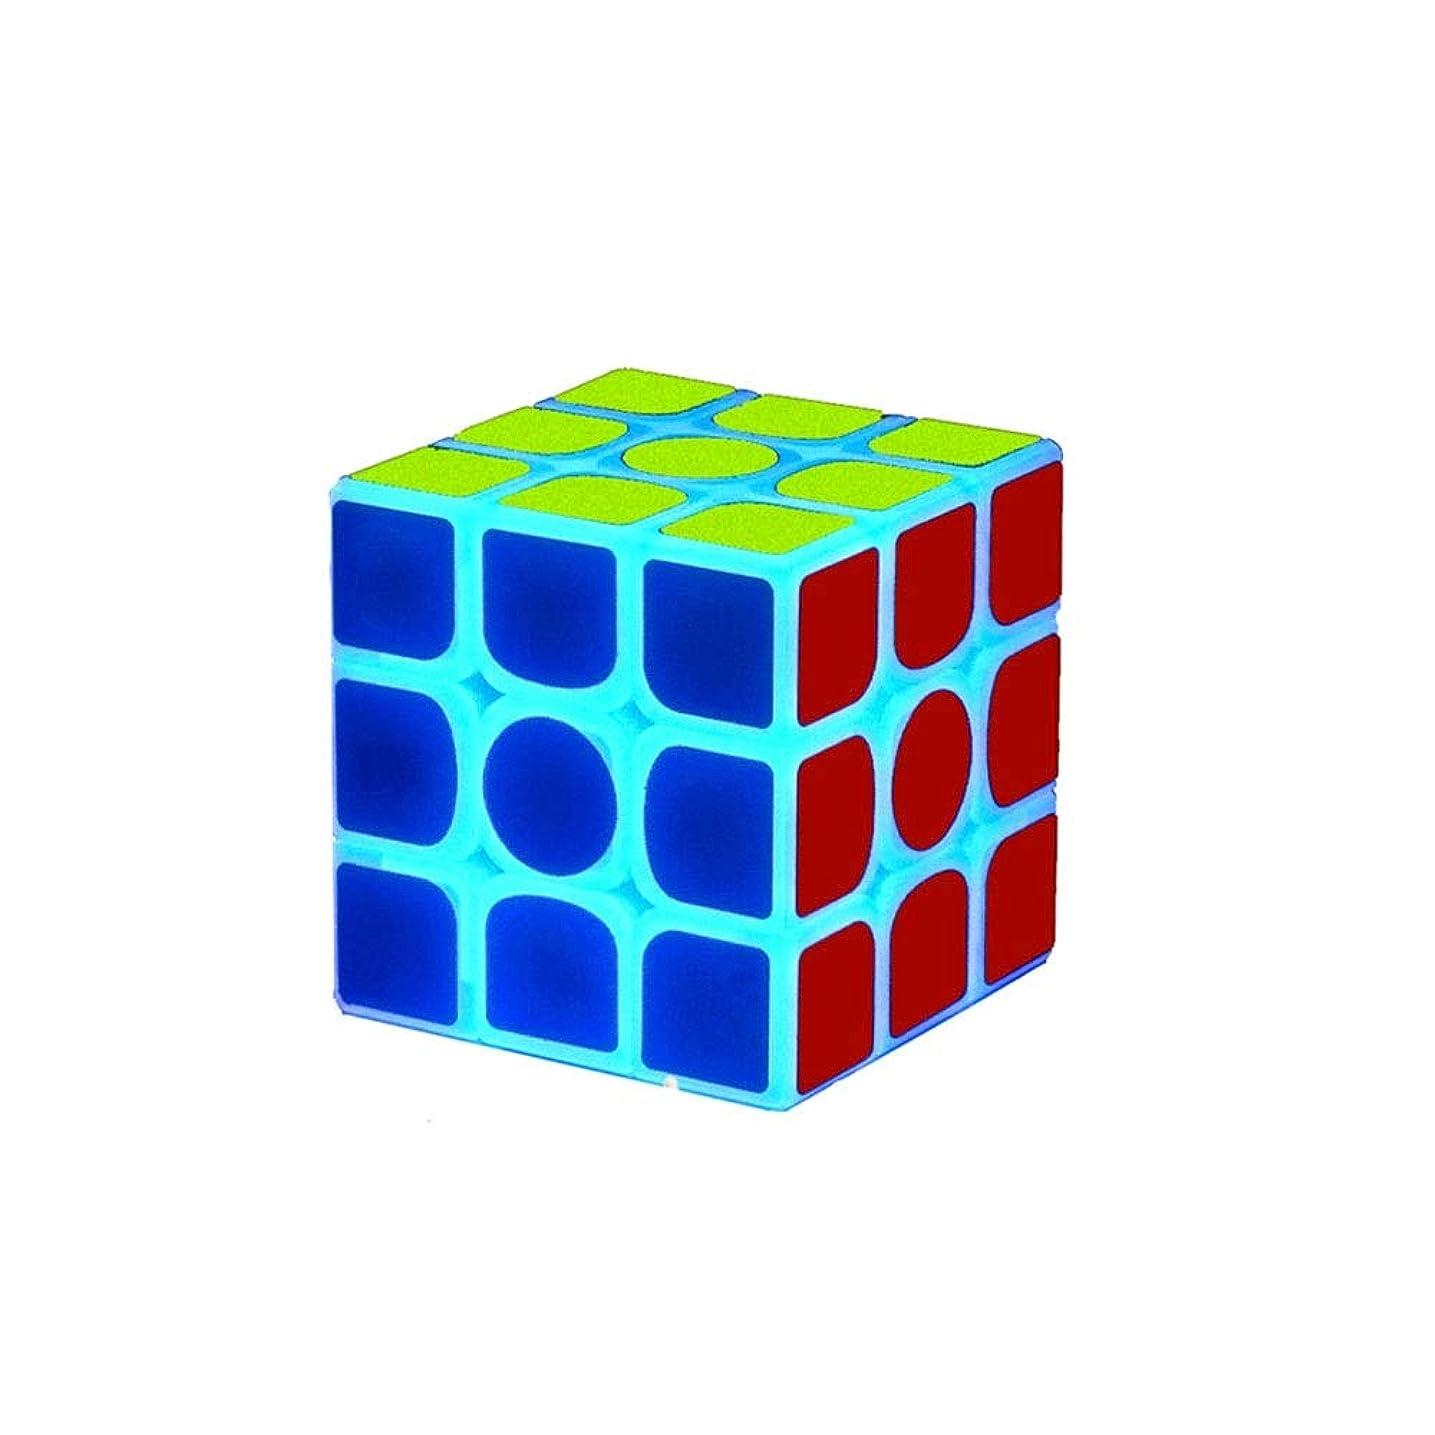 トークン凝視会話Hongyushanghang ルービックキューブ、輝く光のある滑らかな立方体、ギフトとしてもお使いいただけます、ファッションデザイン(2次/ 3次/ 4次/ 5次) 使いやすい (Edition : Third order)